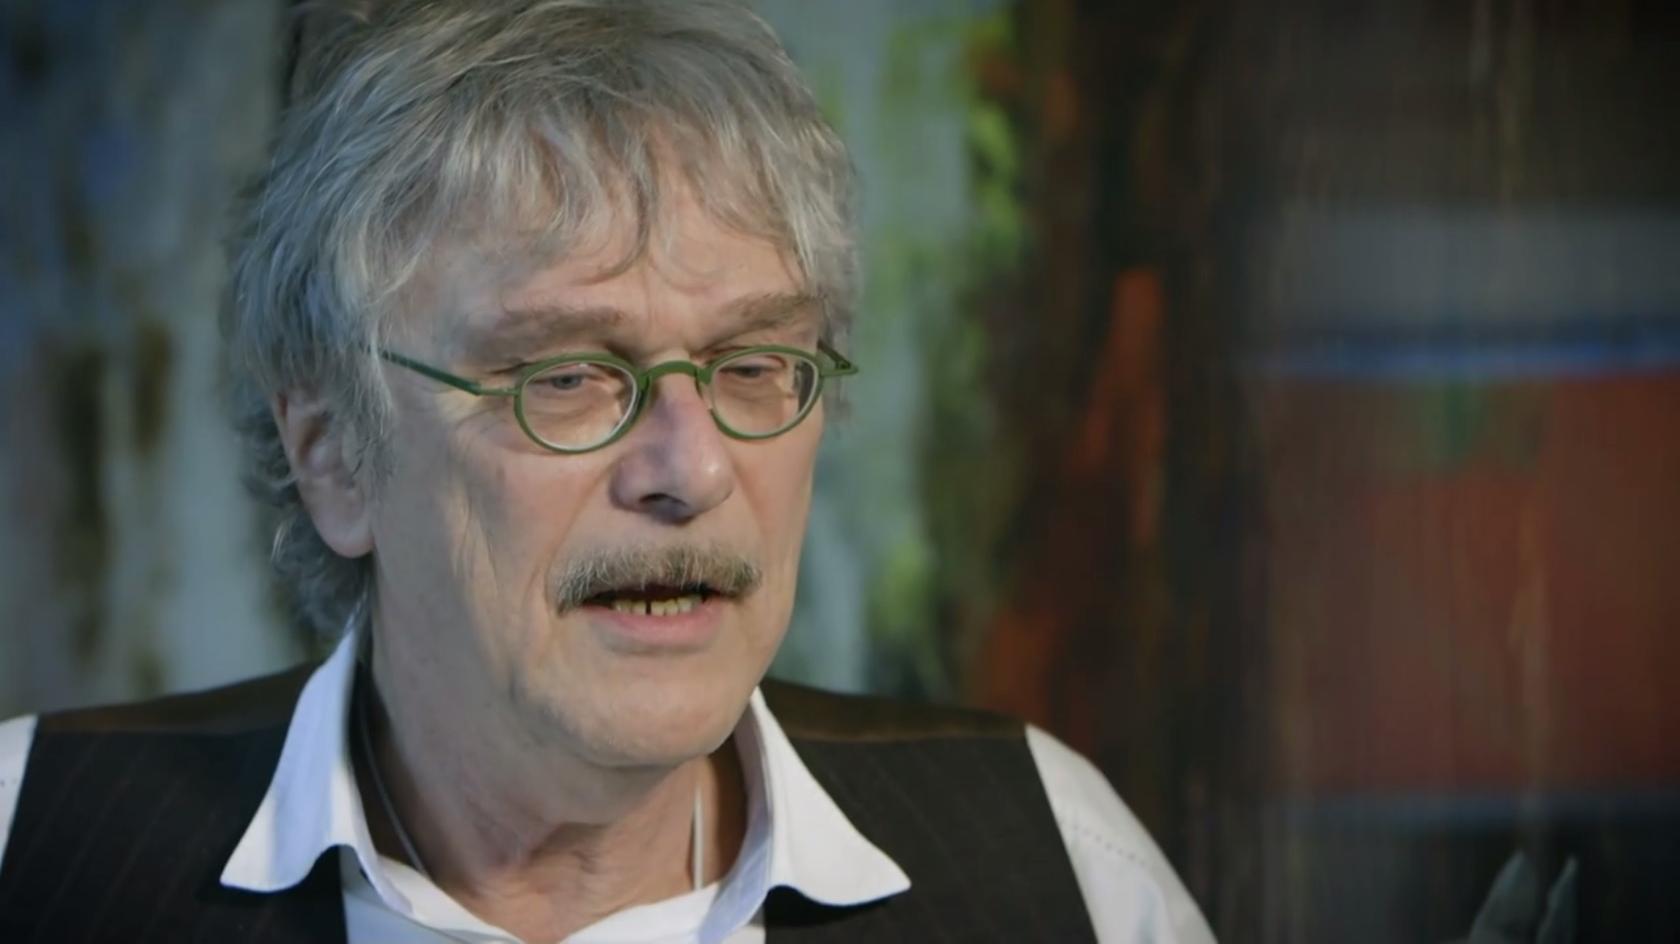 Anders Koppel